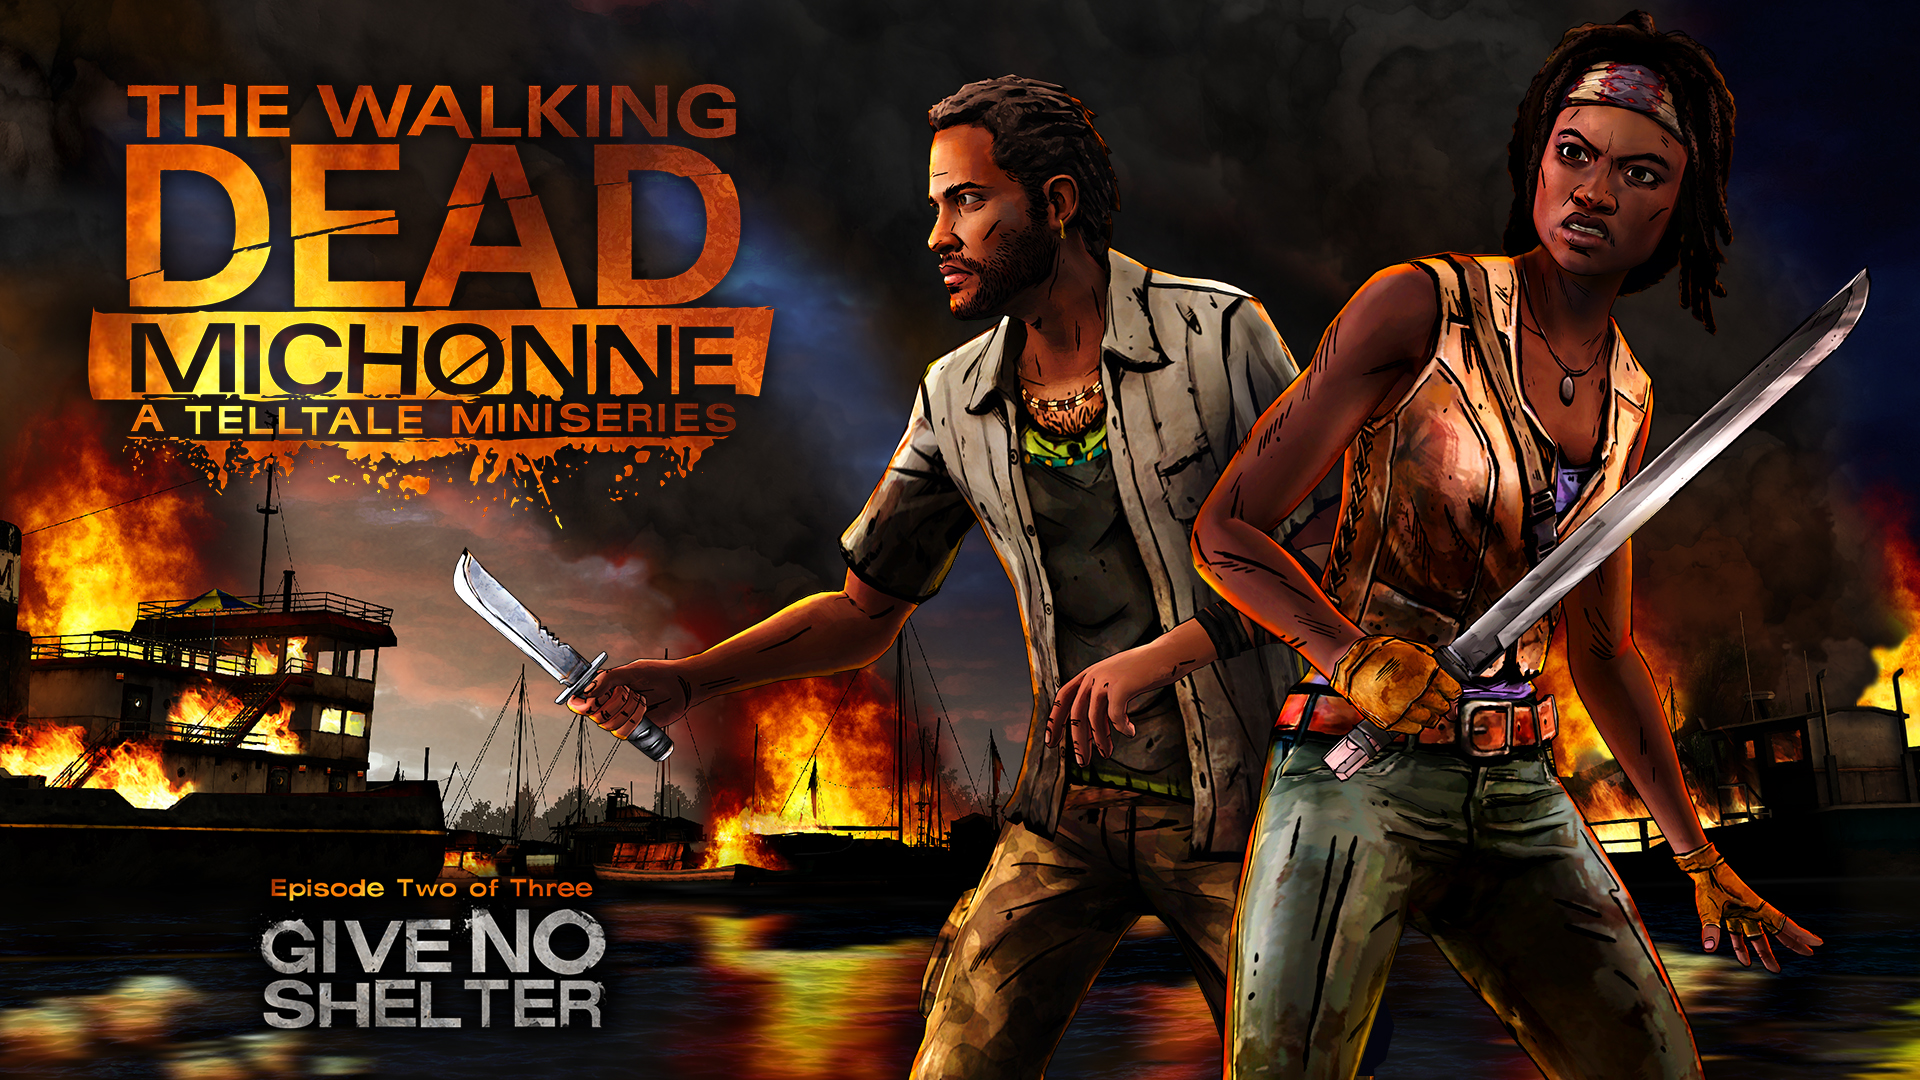 Druhá epizoda The Walking Dead: Michonne vyjde 29. března 120780